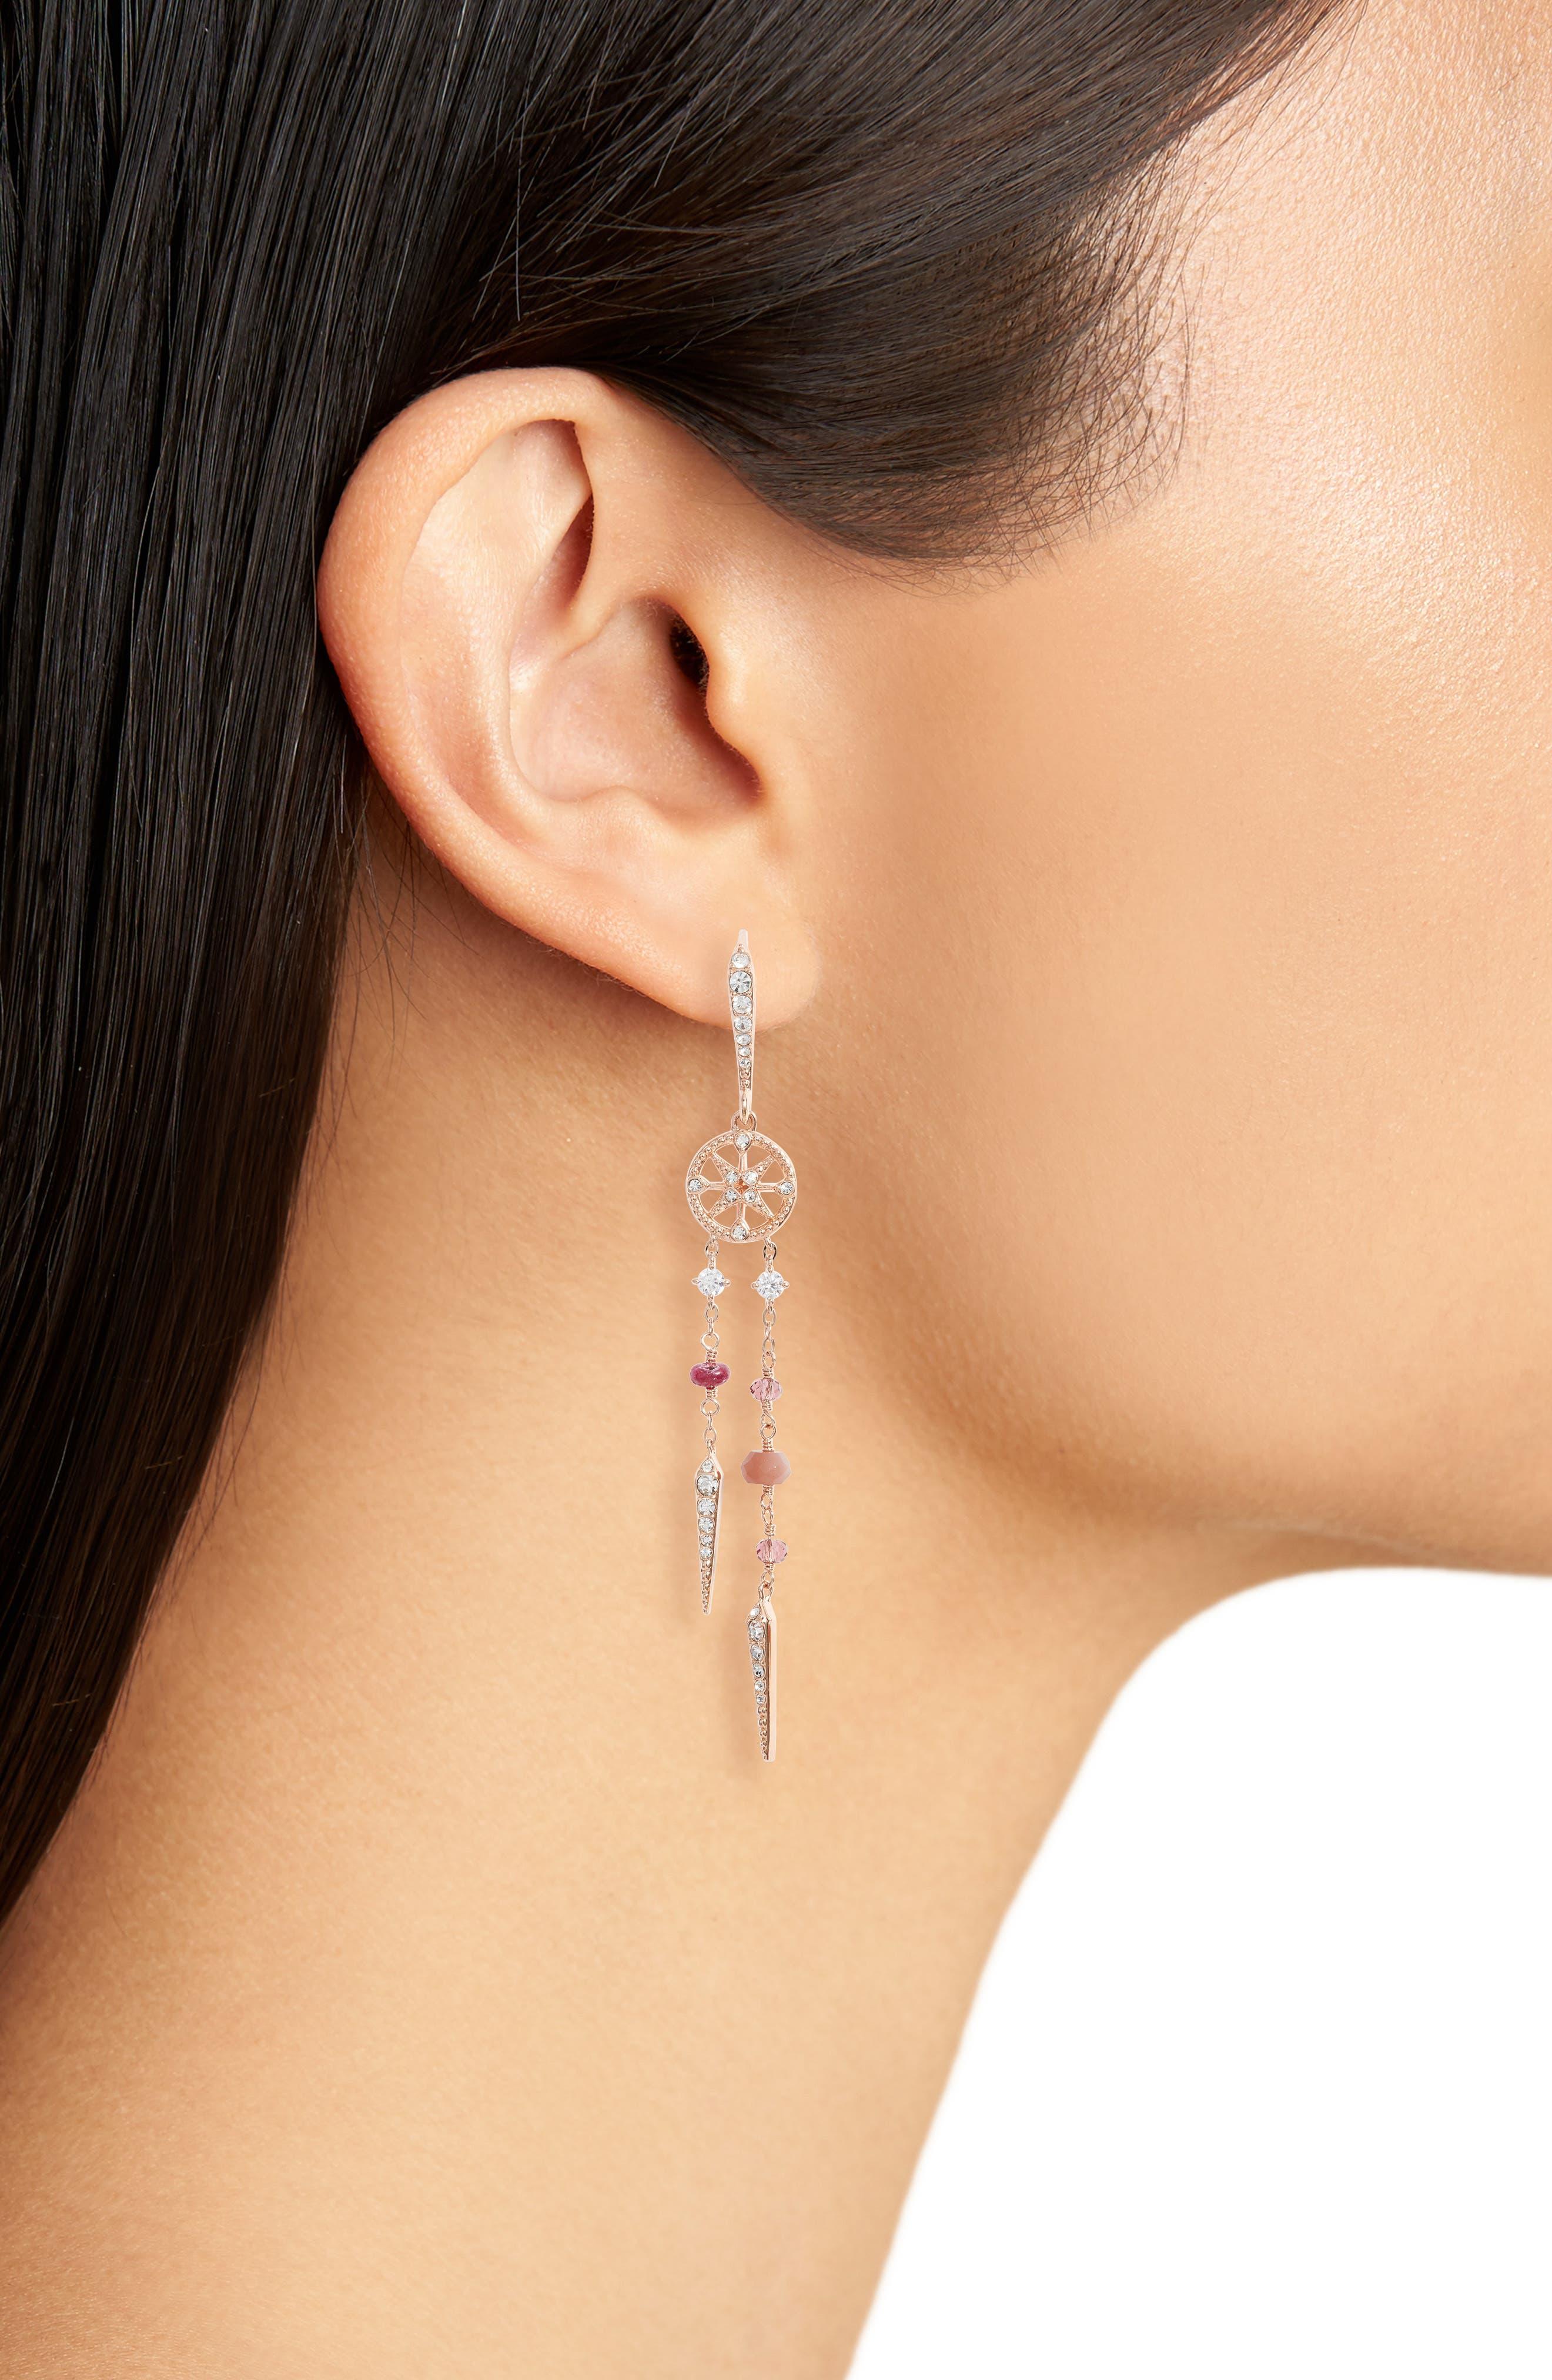 Crystal & Semiprecious Stone Drop Earrings,                             Alternate thumbnail 2, color,                             600